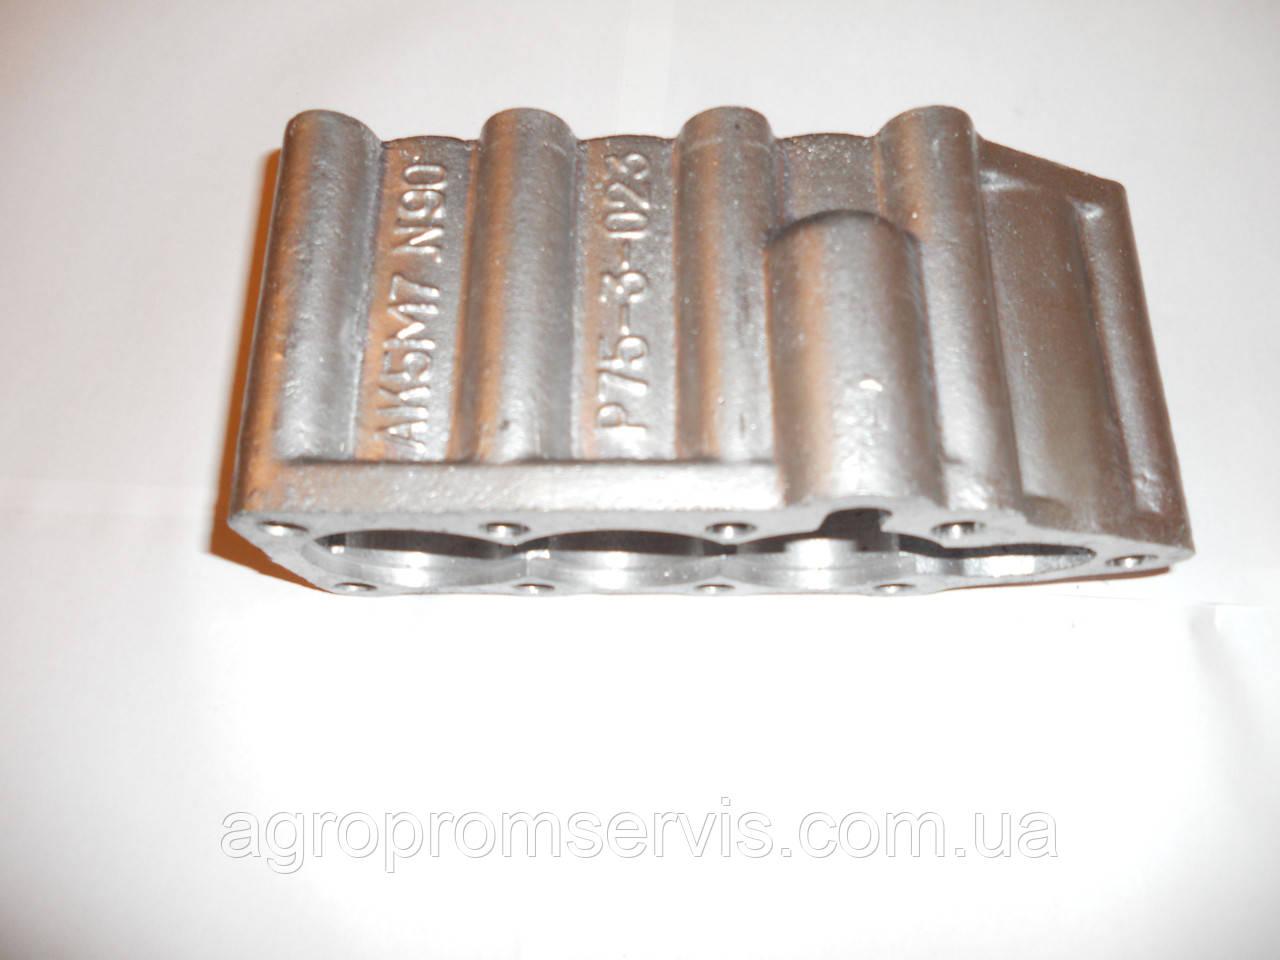 Кришка гідророзподільника Р-80 алюмінієва V-3 Р80-23.20.123 МТЗ,ЮМЗ,Т-40,Т-25